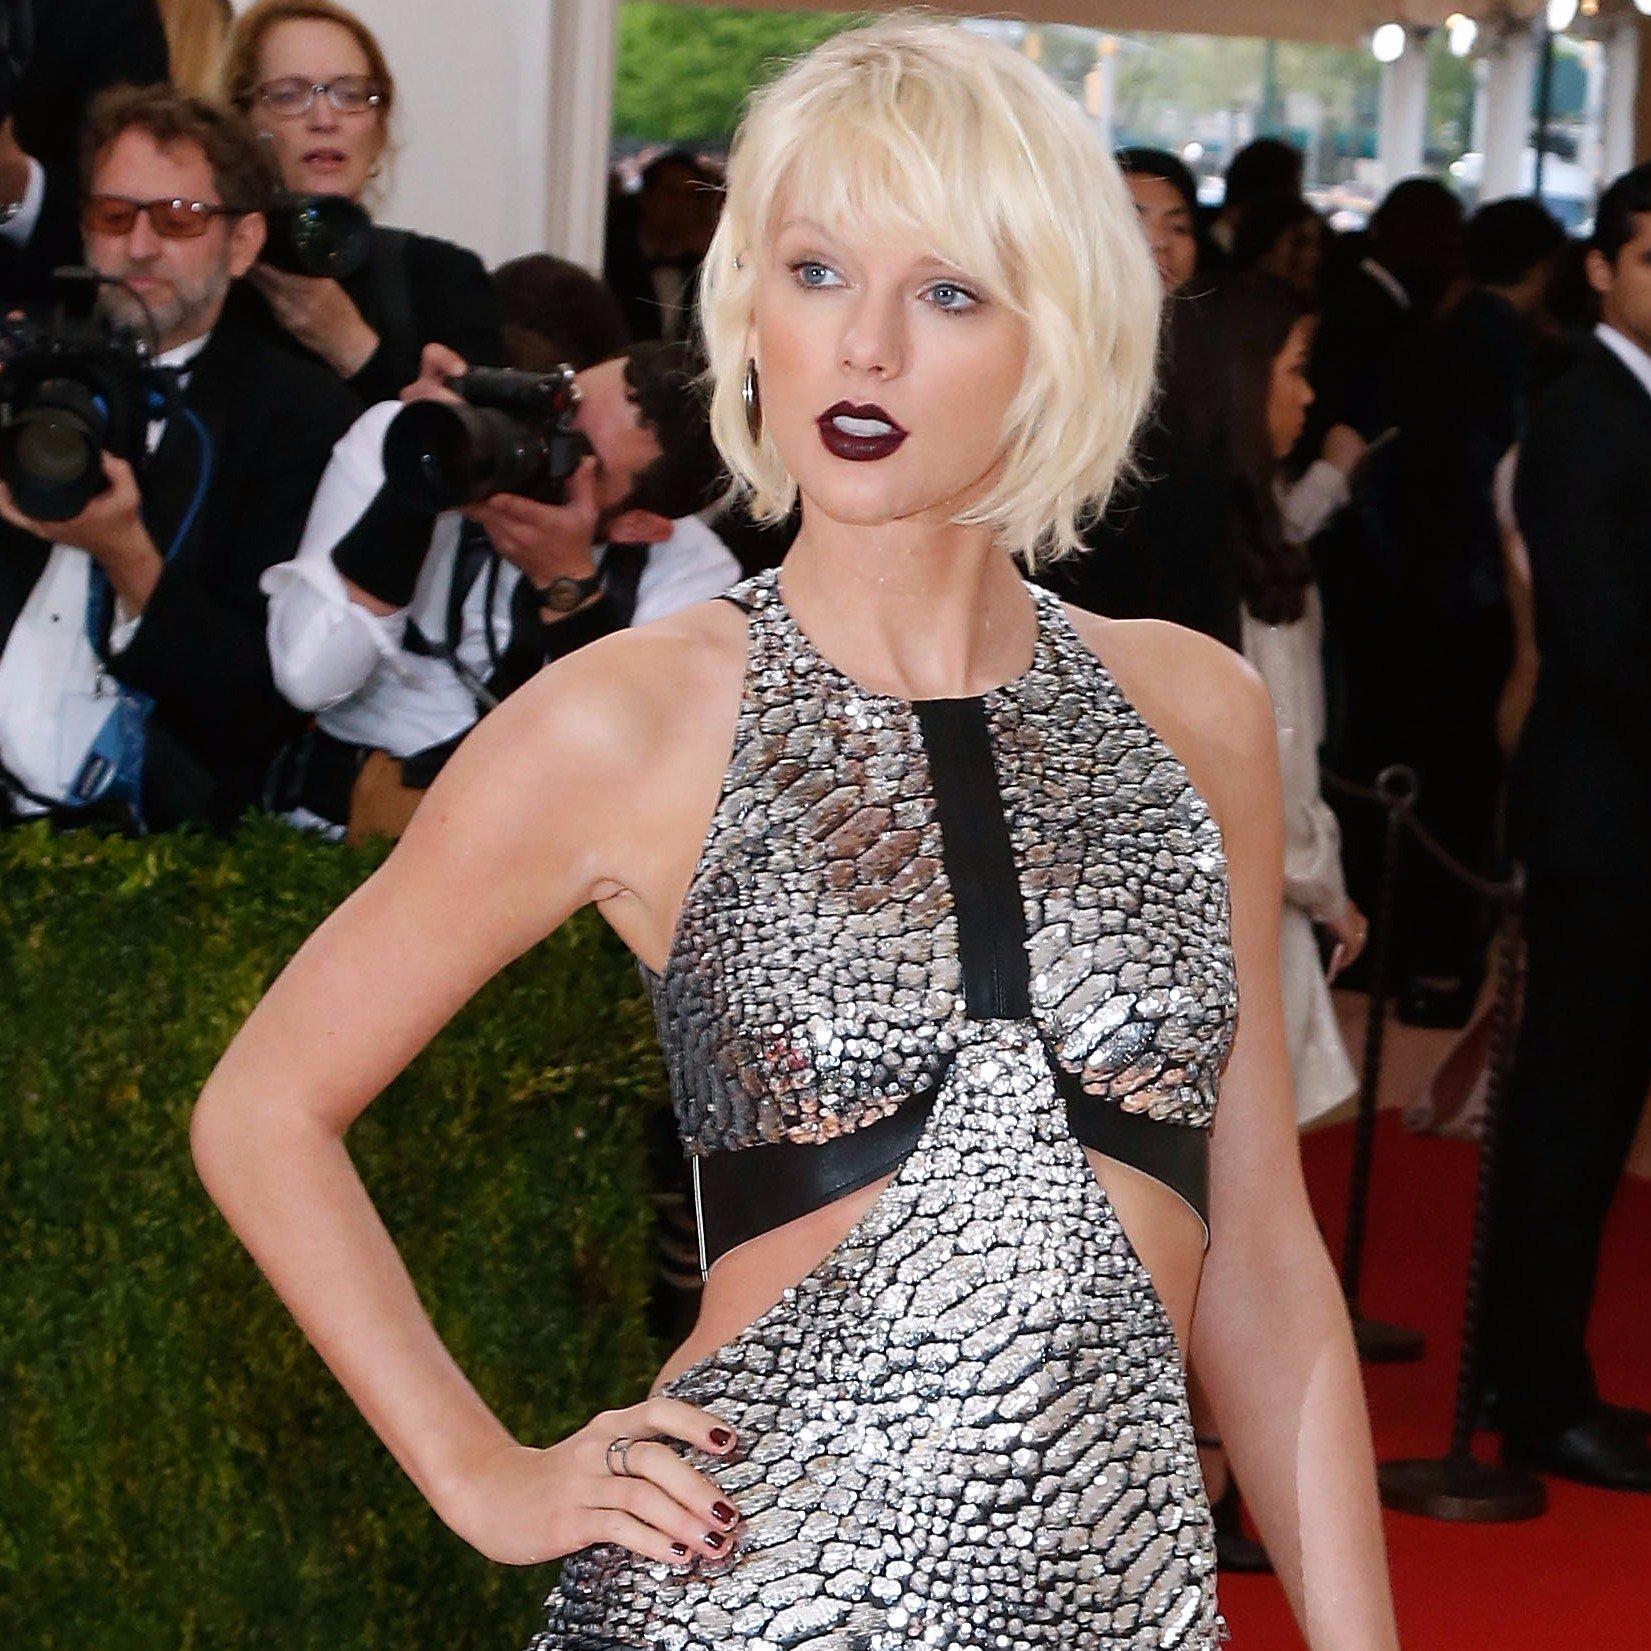 Taylor Swift contro il dj che le ha palpato il sedere: